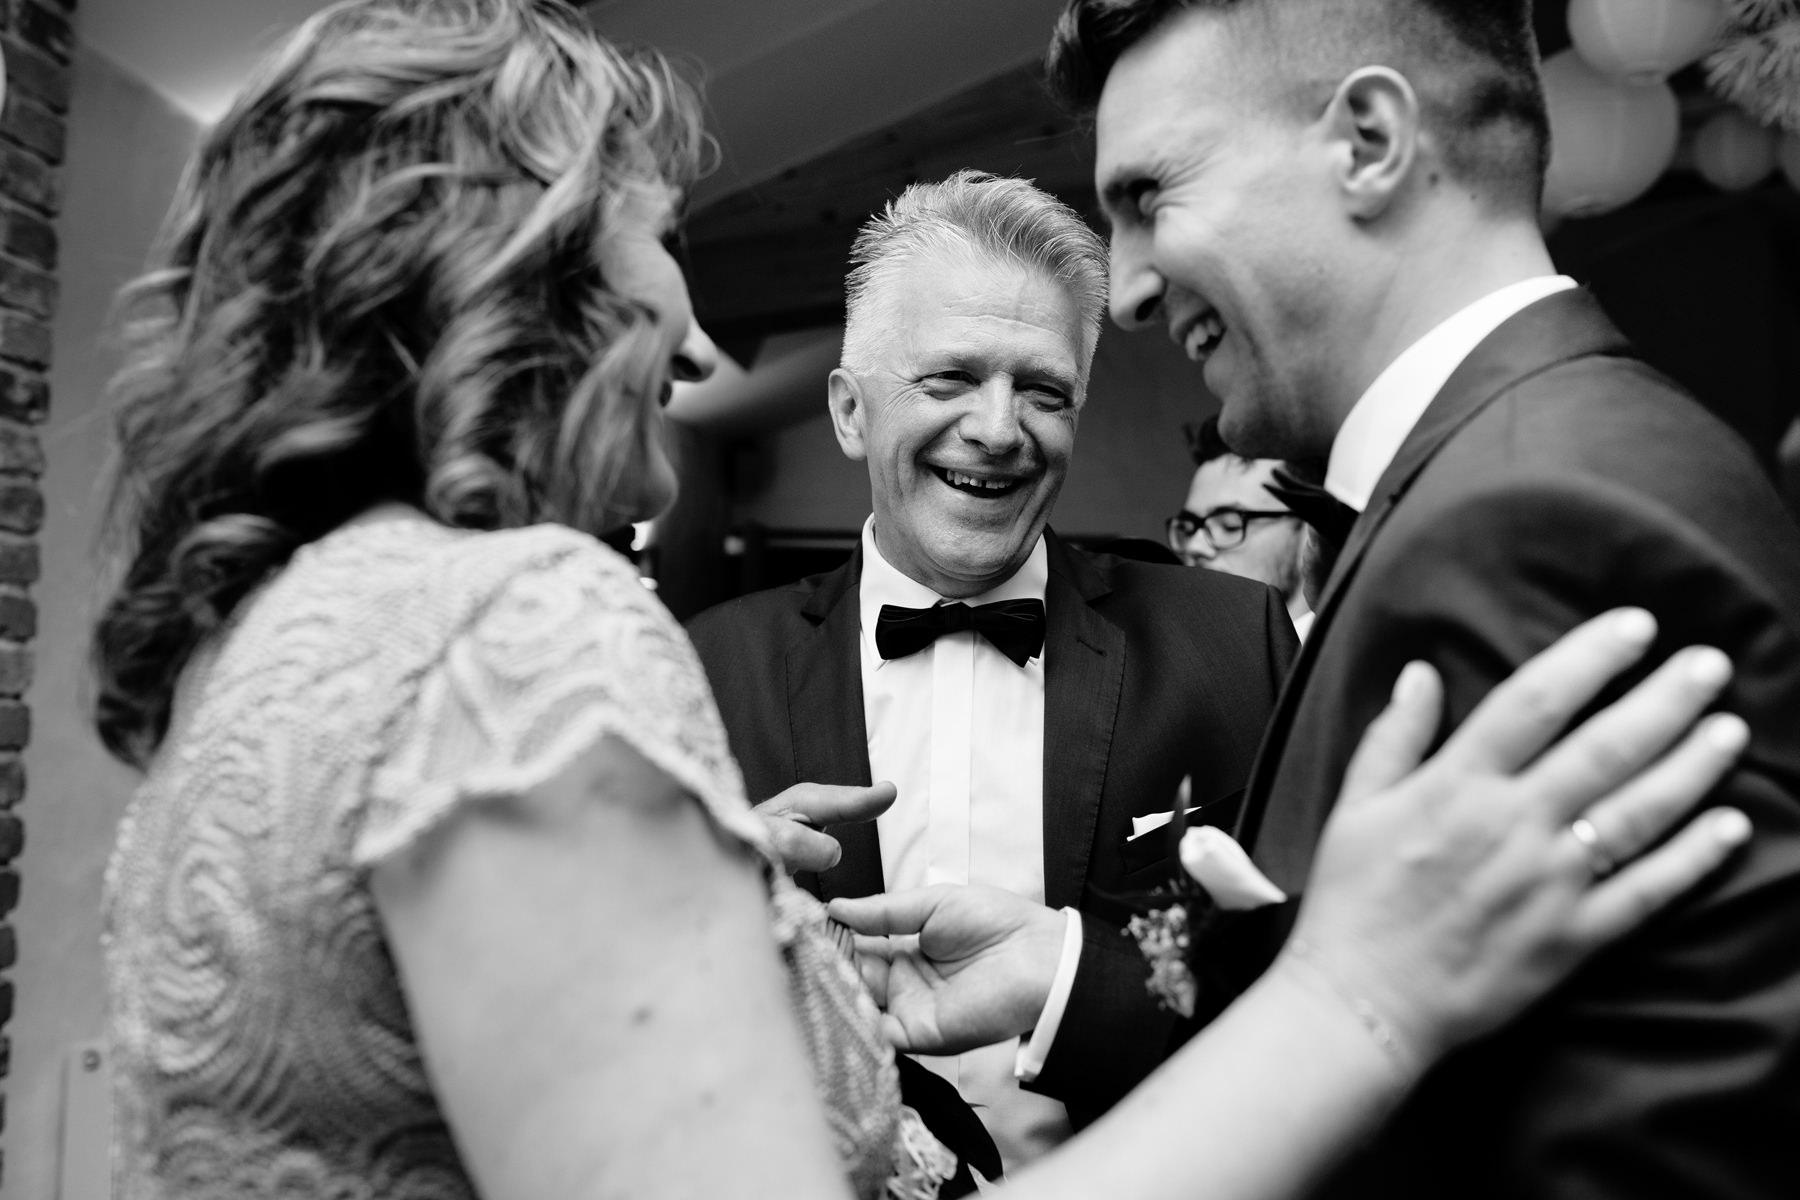 impreza weselna szczecin, zabawa na weselu